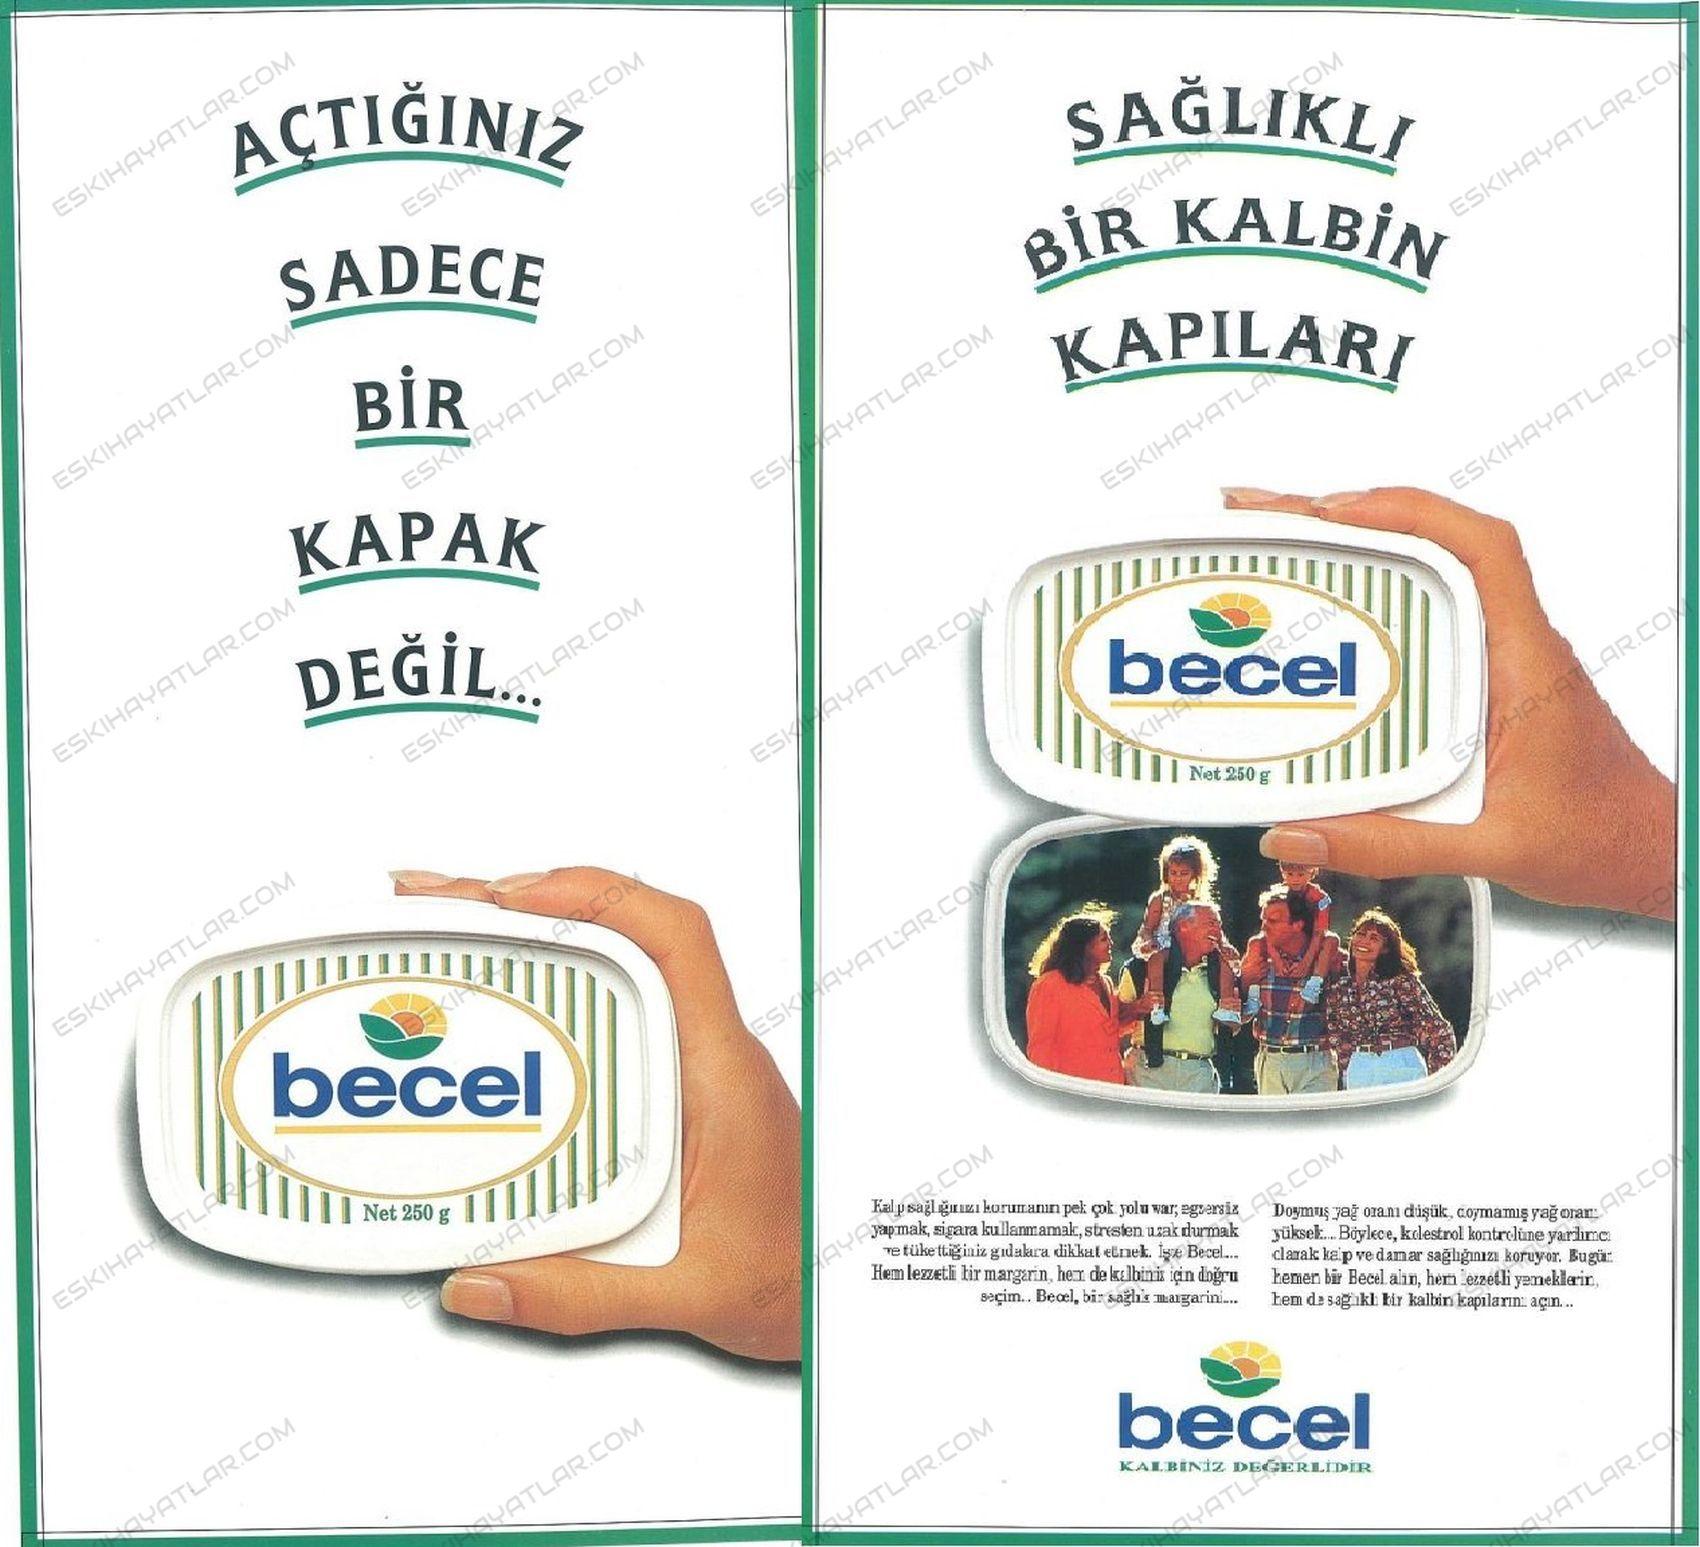 0695-becel-yag-reklami-1995-yilinda-margarin-reklamlari-becel-kalbiniz-degerlidir